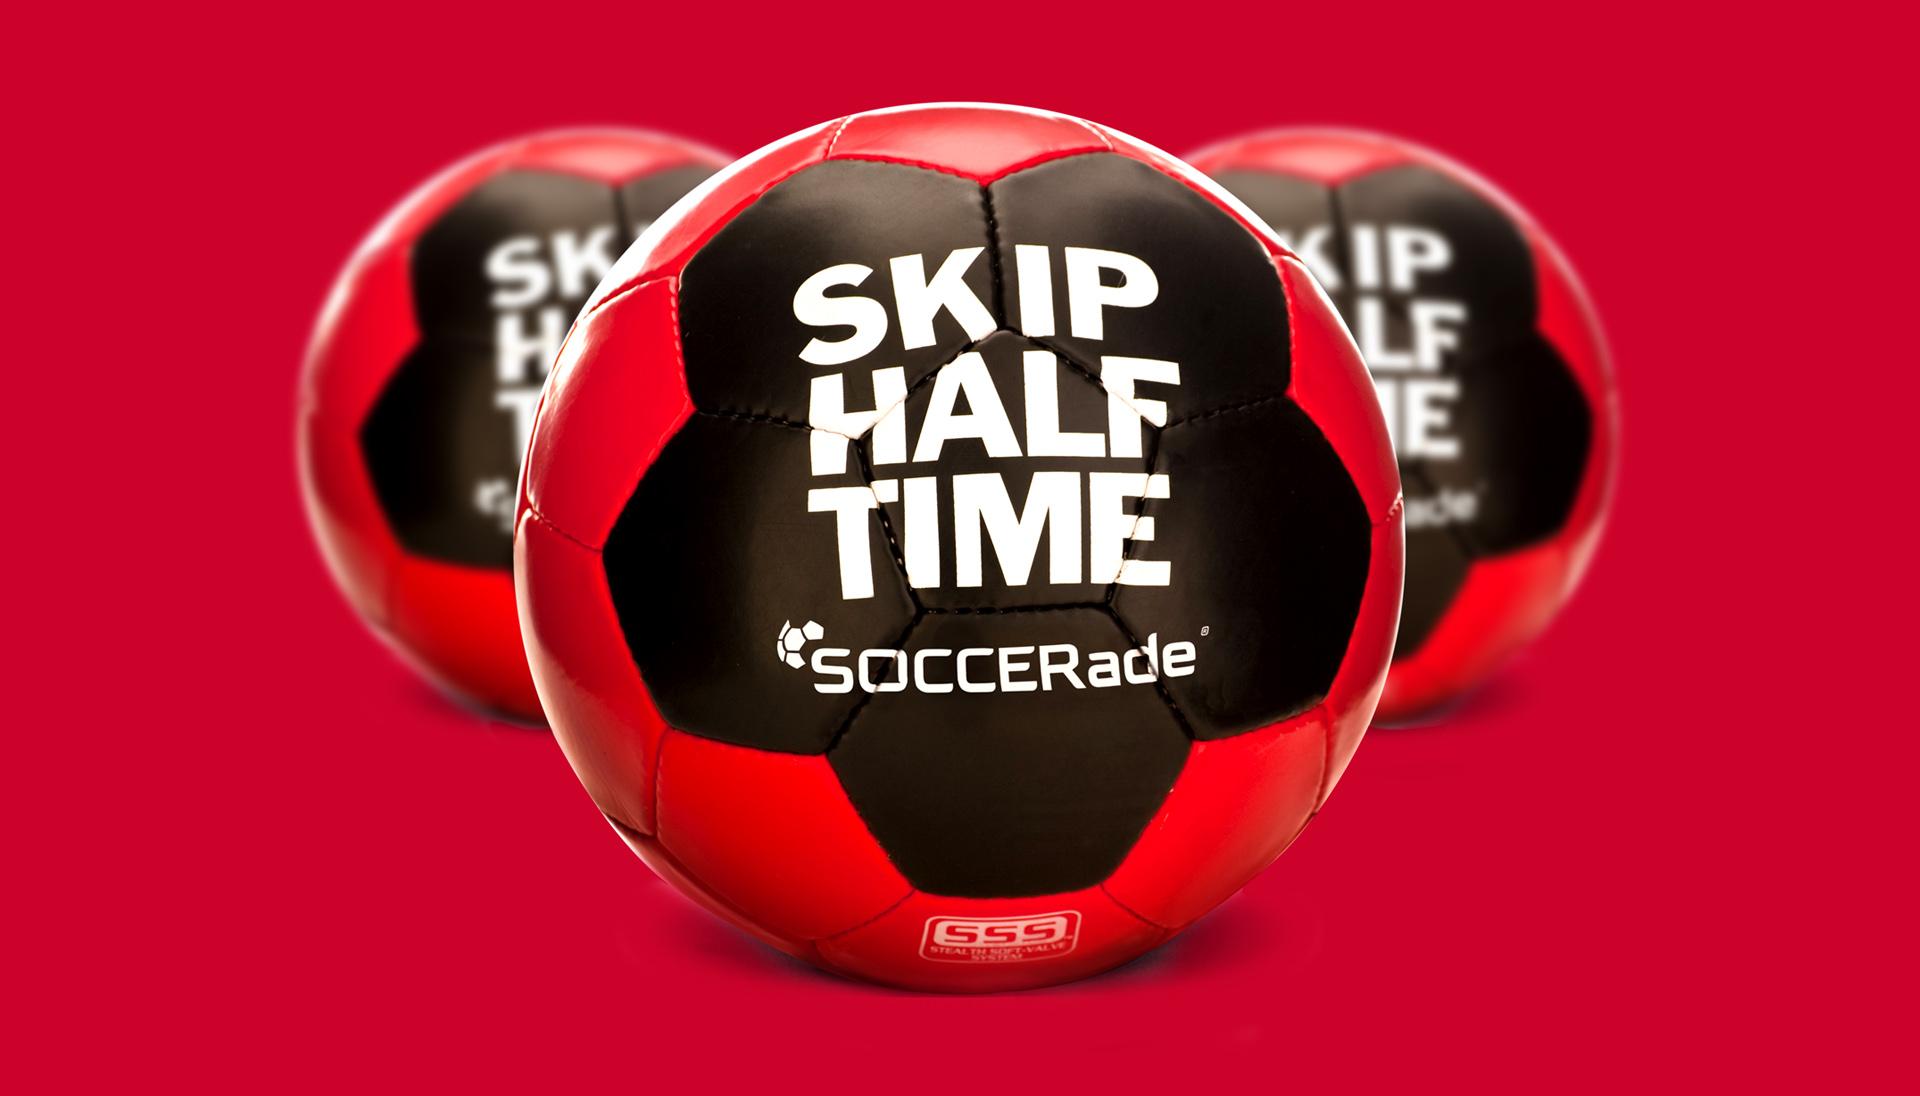 Soccerade